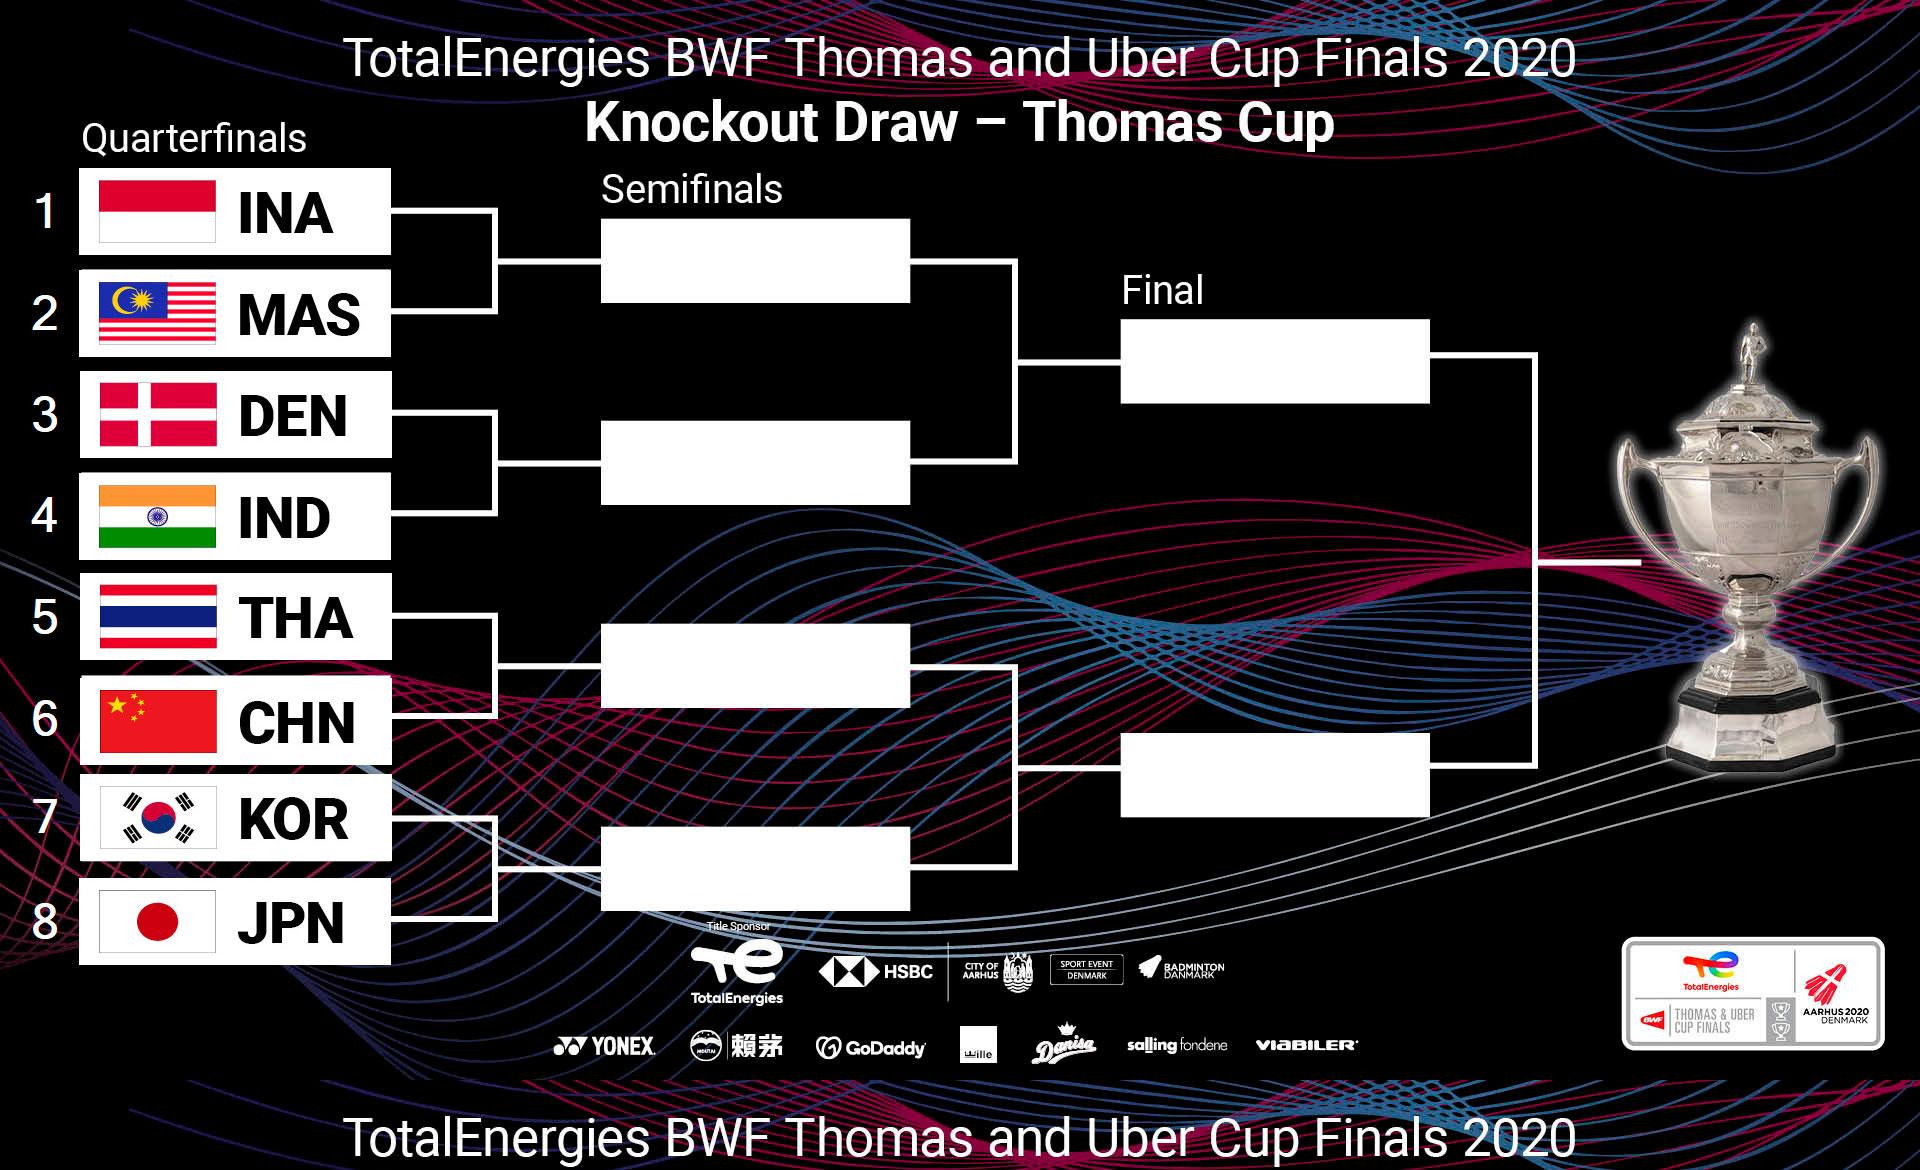 周四下午汤姆斯杯小组赛结束后,世羽联进行8强抽签仪式对阵出炉。-摘自世羽联脸书-